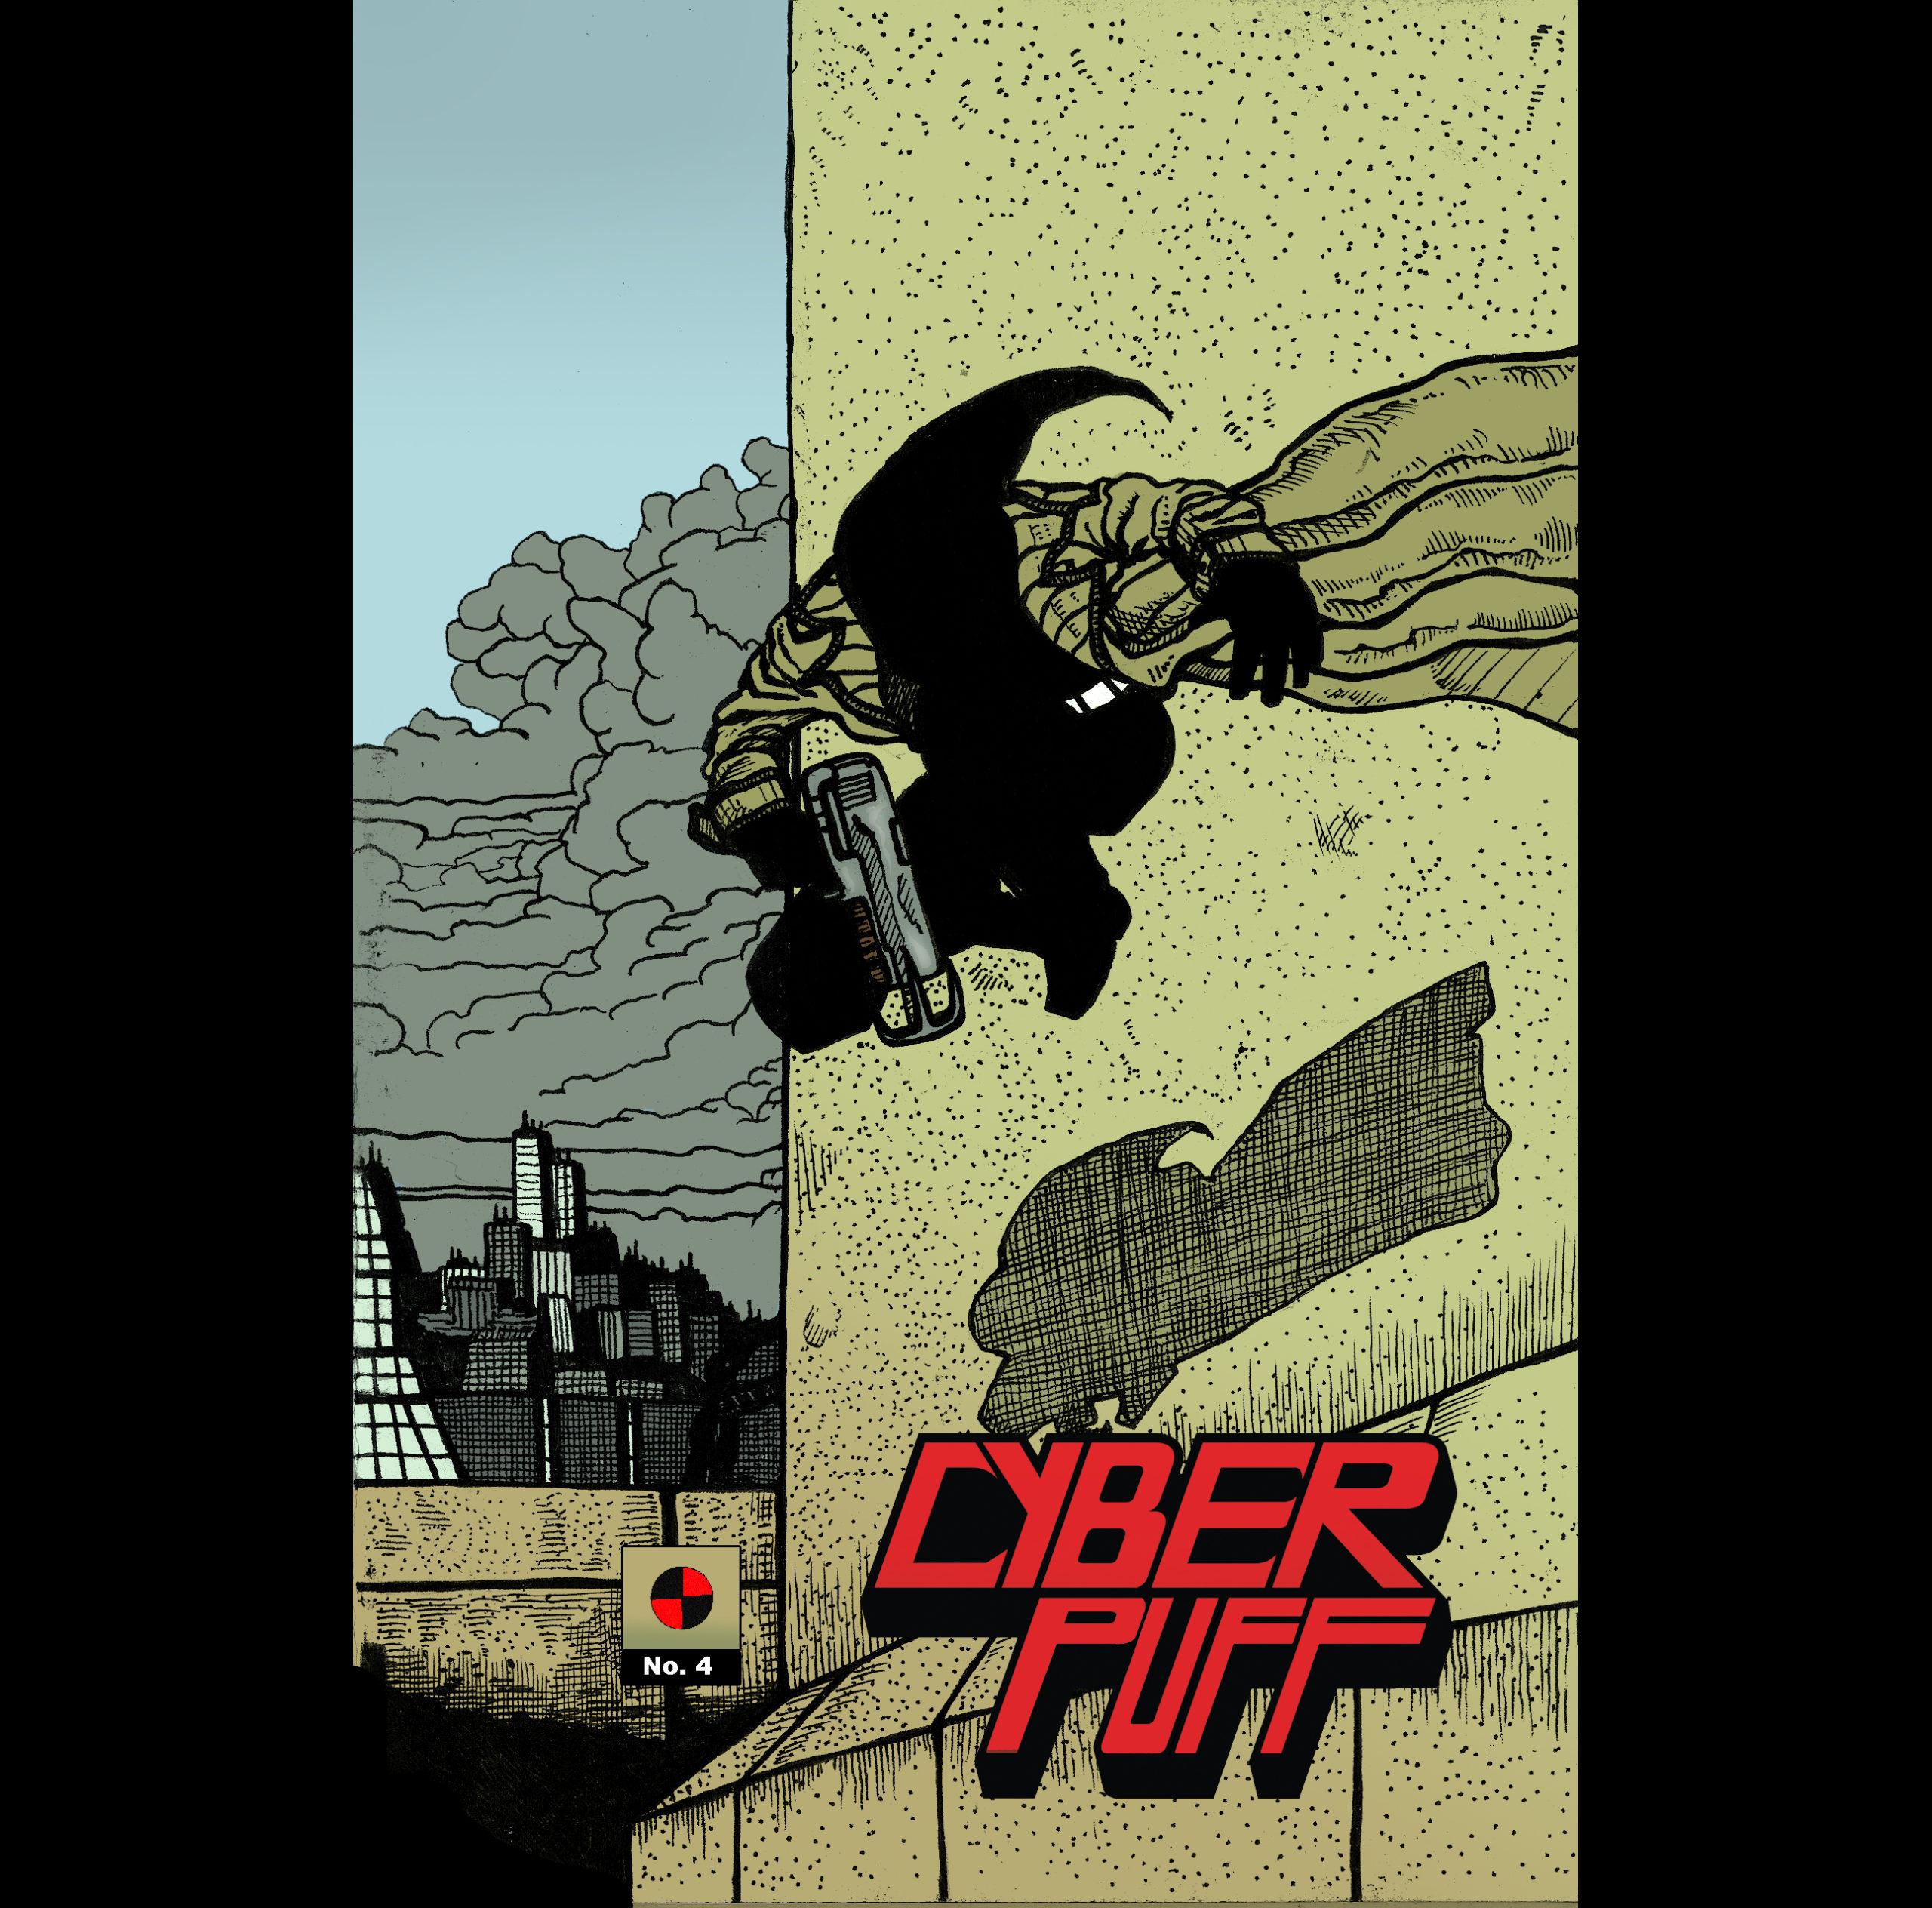 CYBER PUFF #4